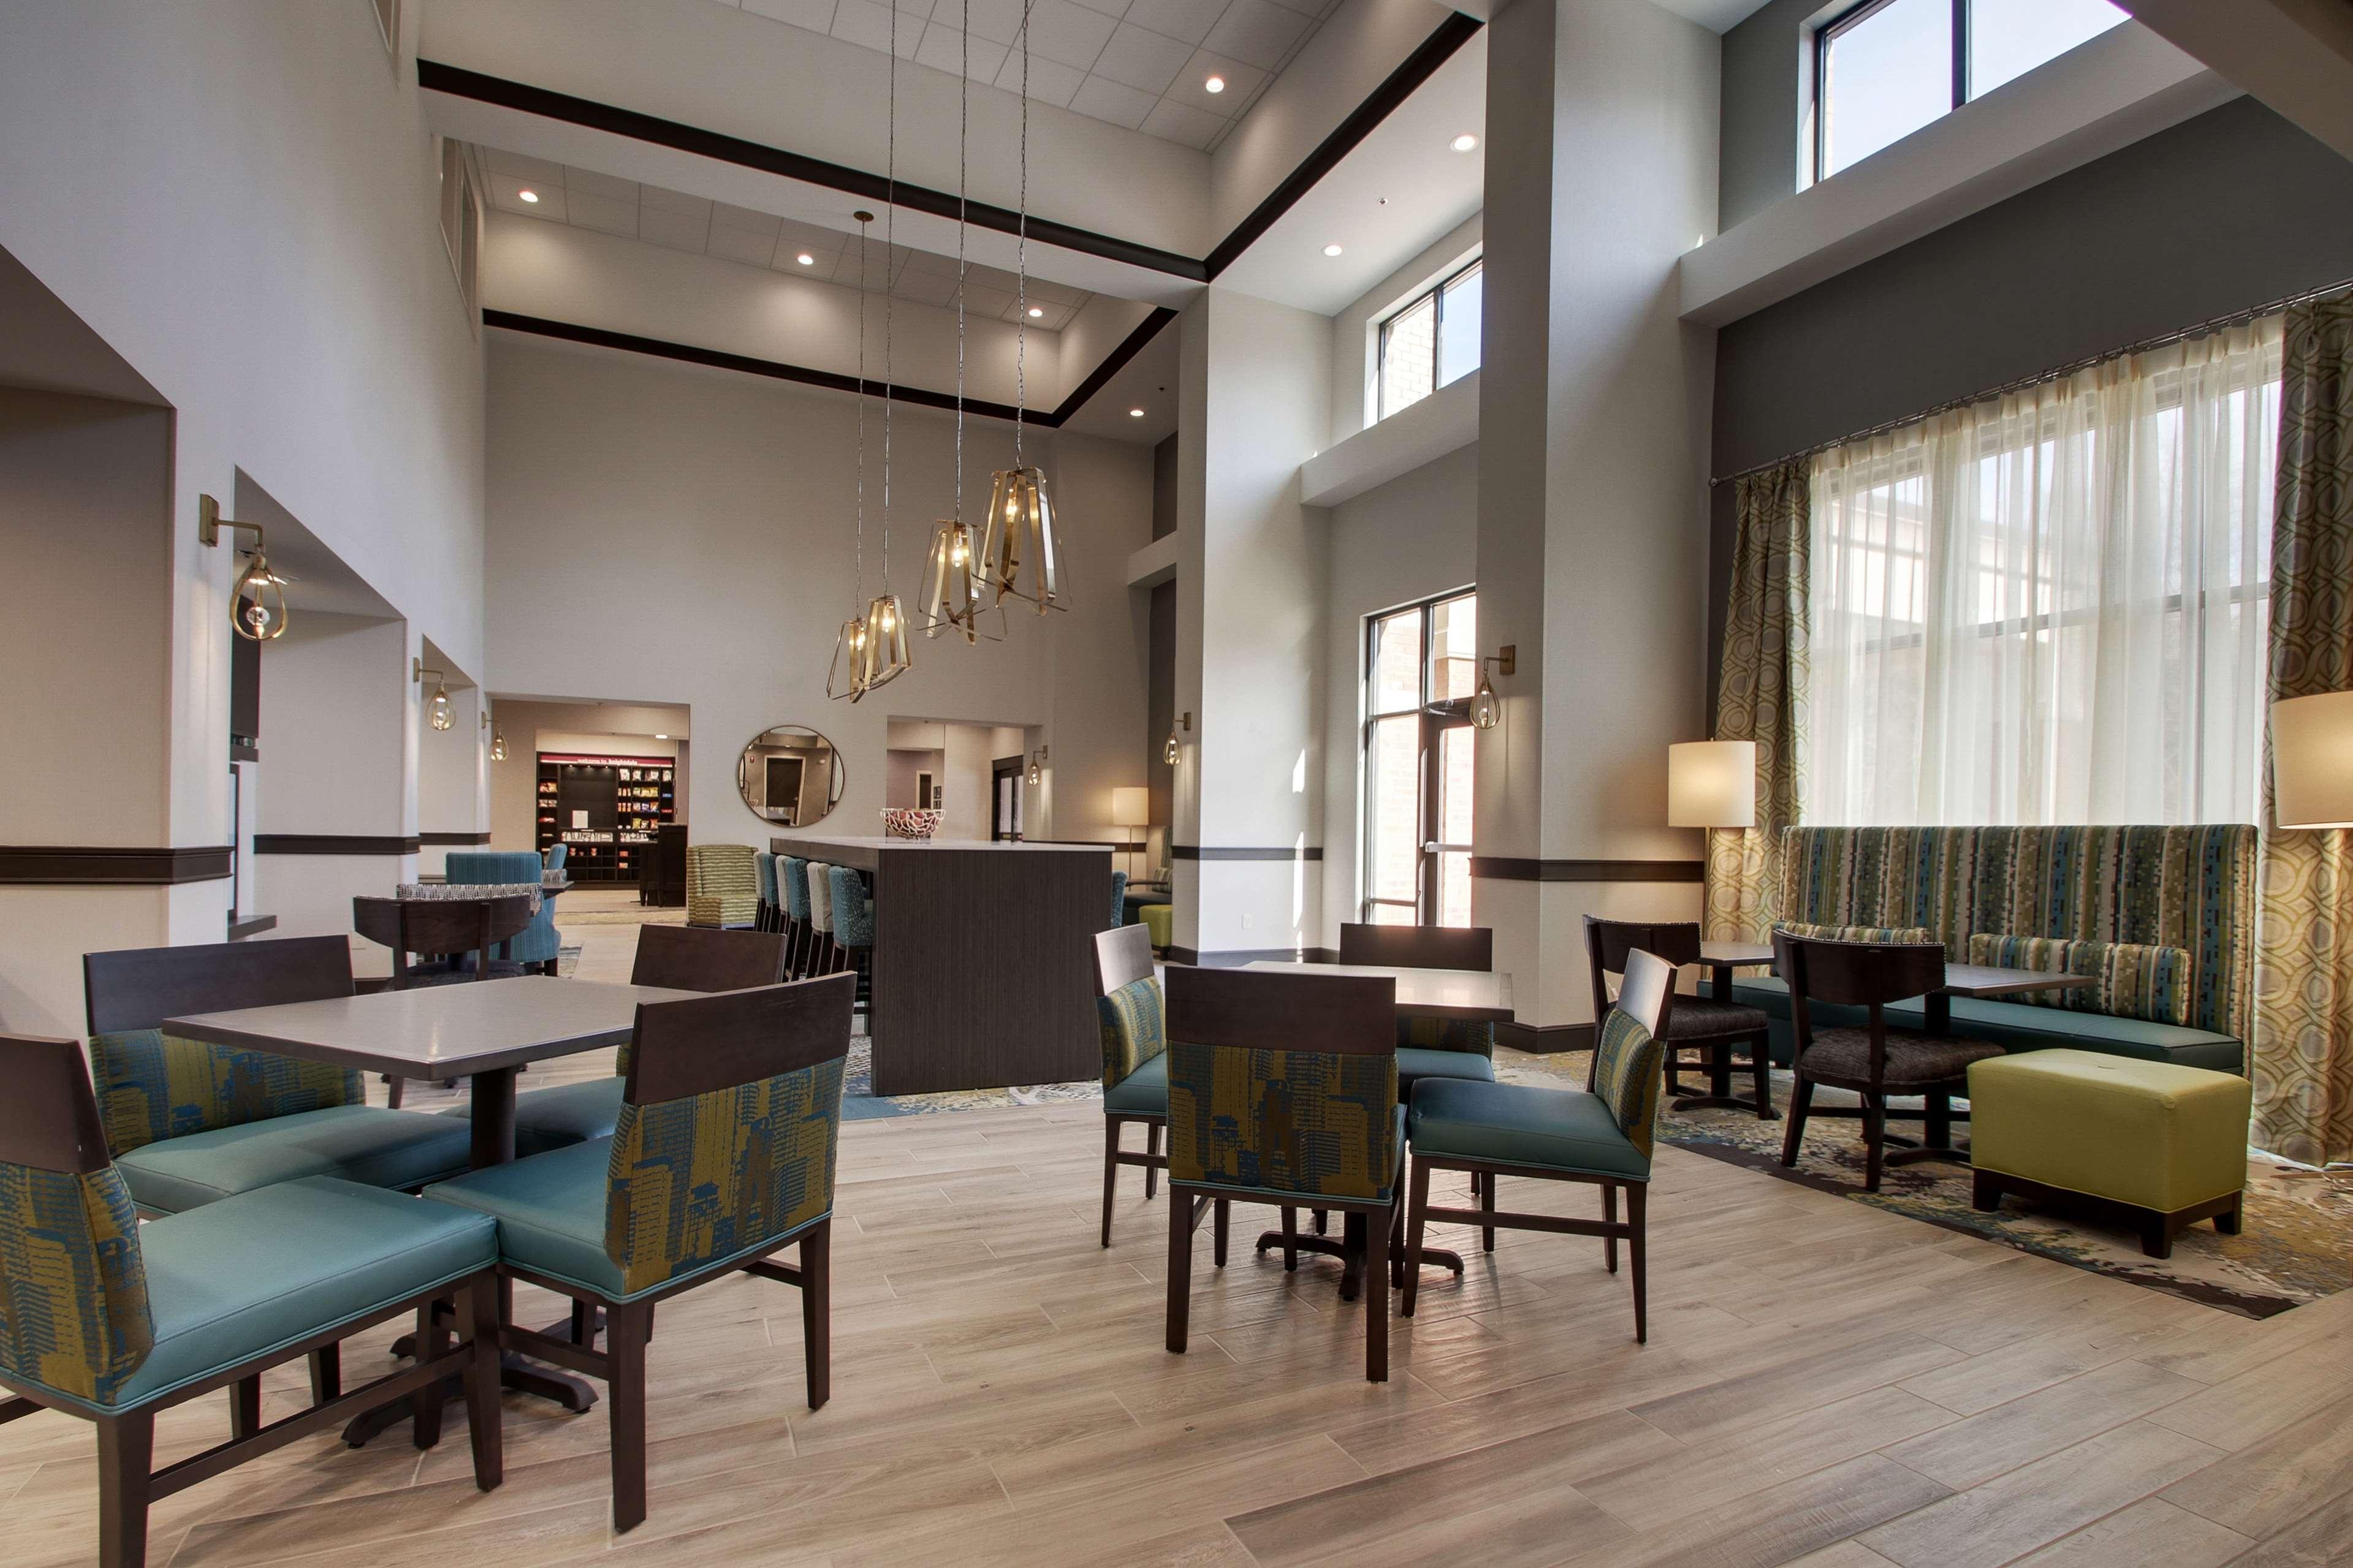 Hampton Inn & Suites Knightdale Raleigh image 2